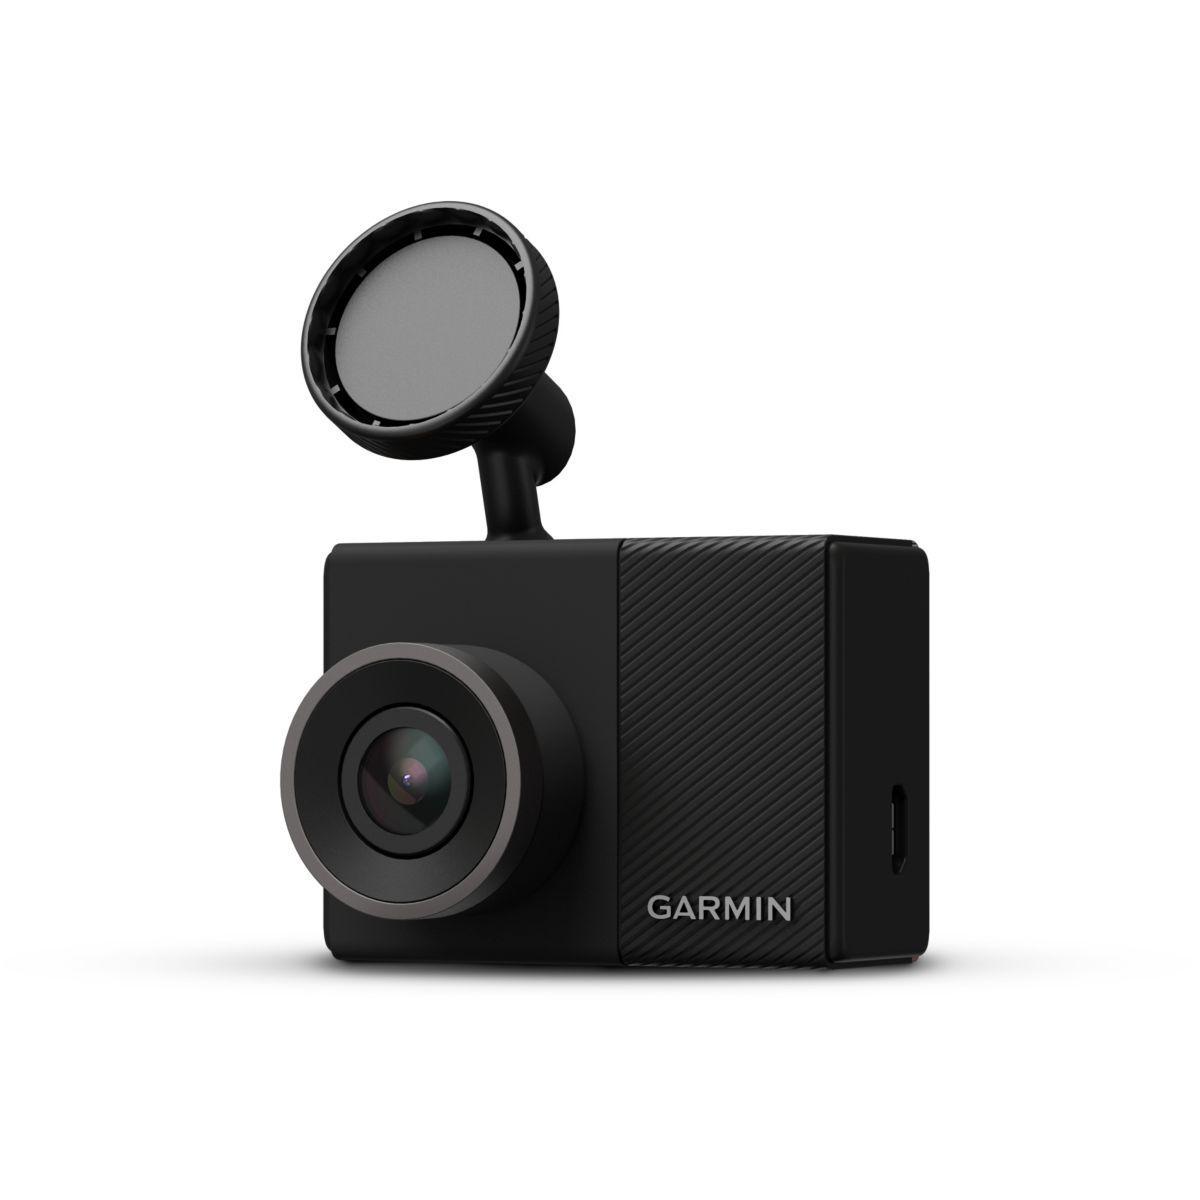 Dashcam garmin dash cam 45 - livraison offerte : code livprem (photo)